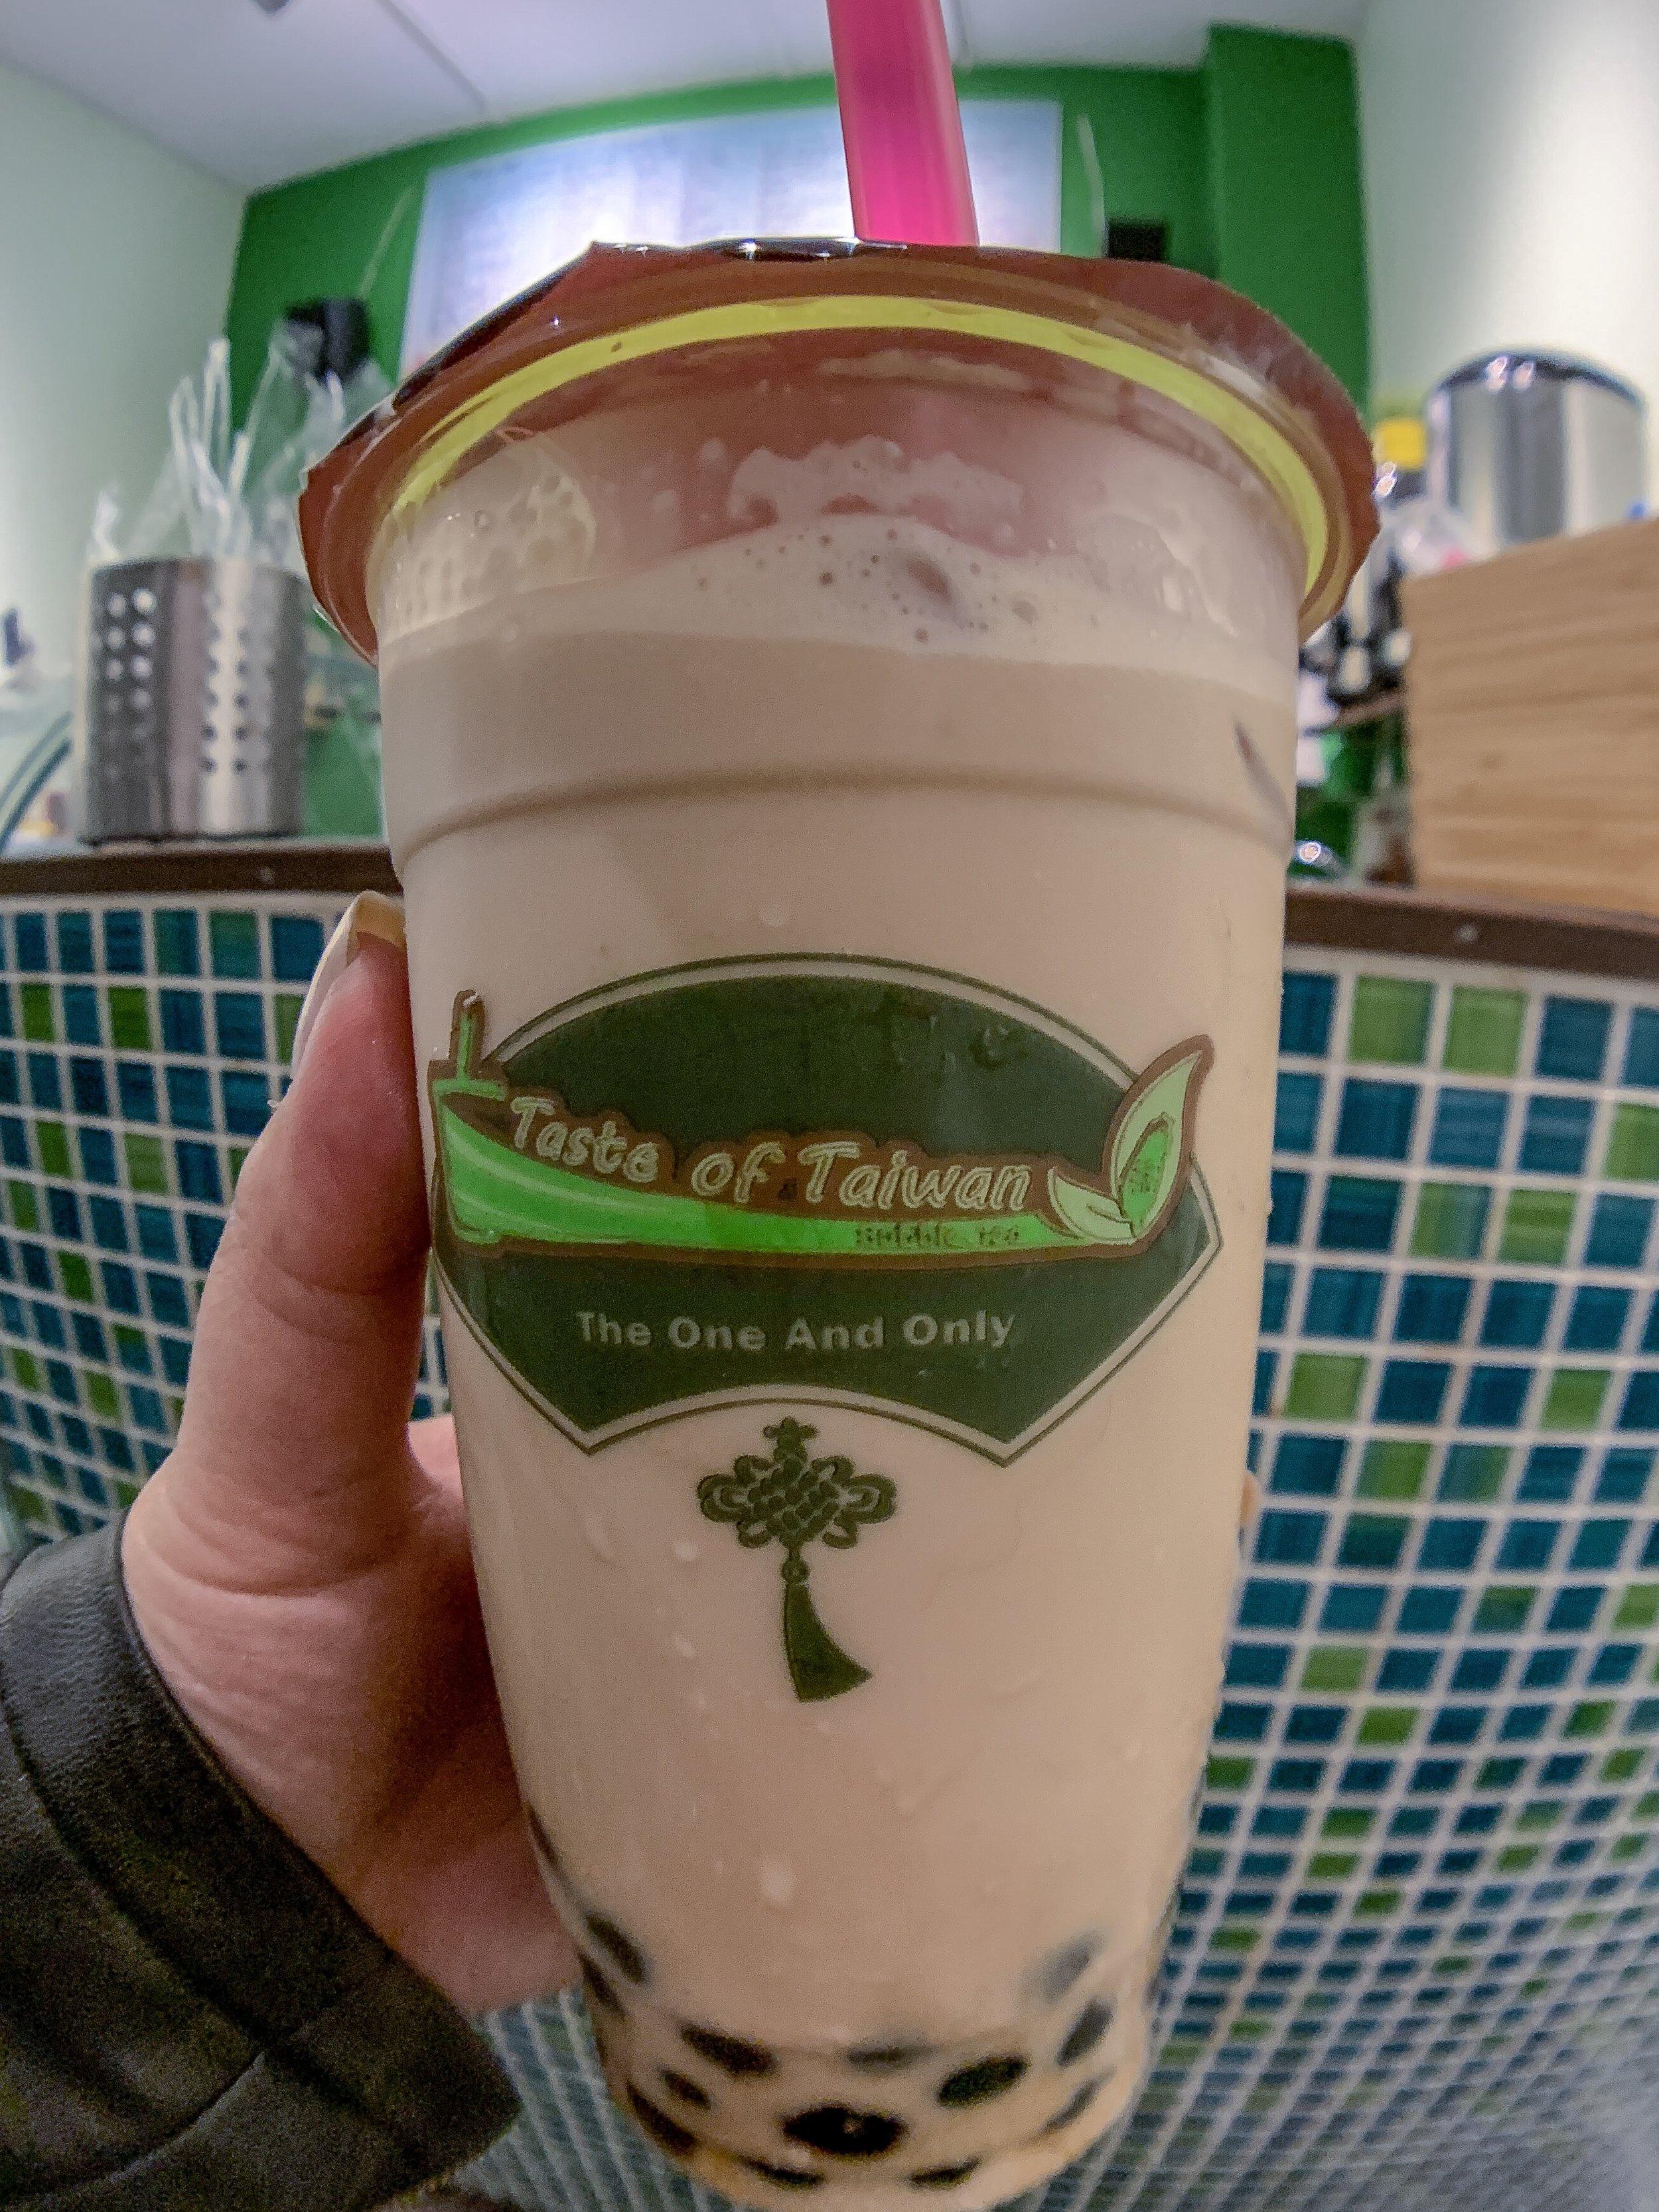 Milk Tea at Taste of Taiwan